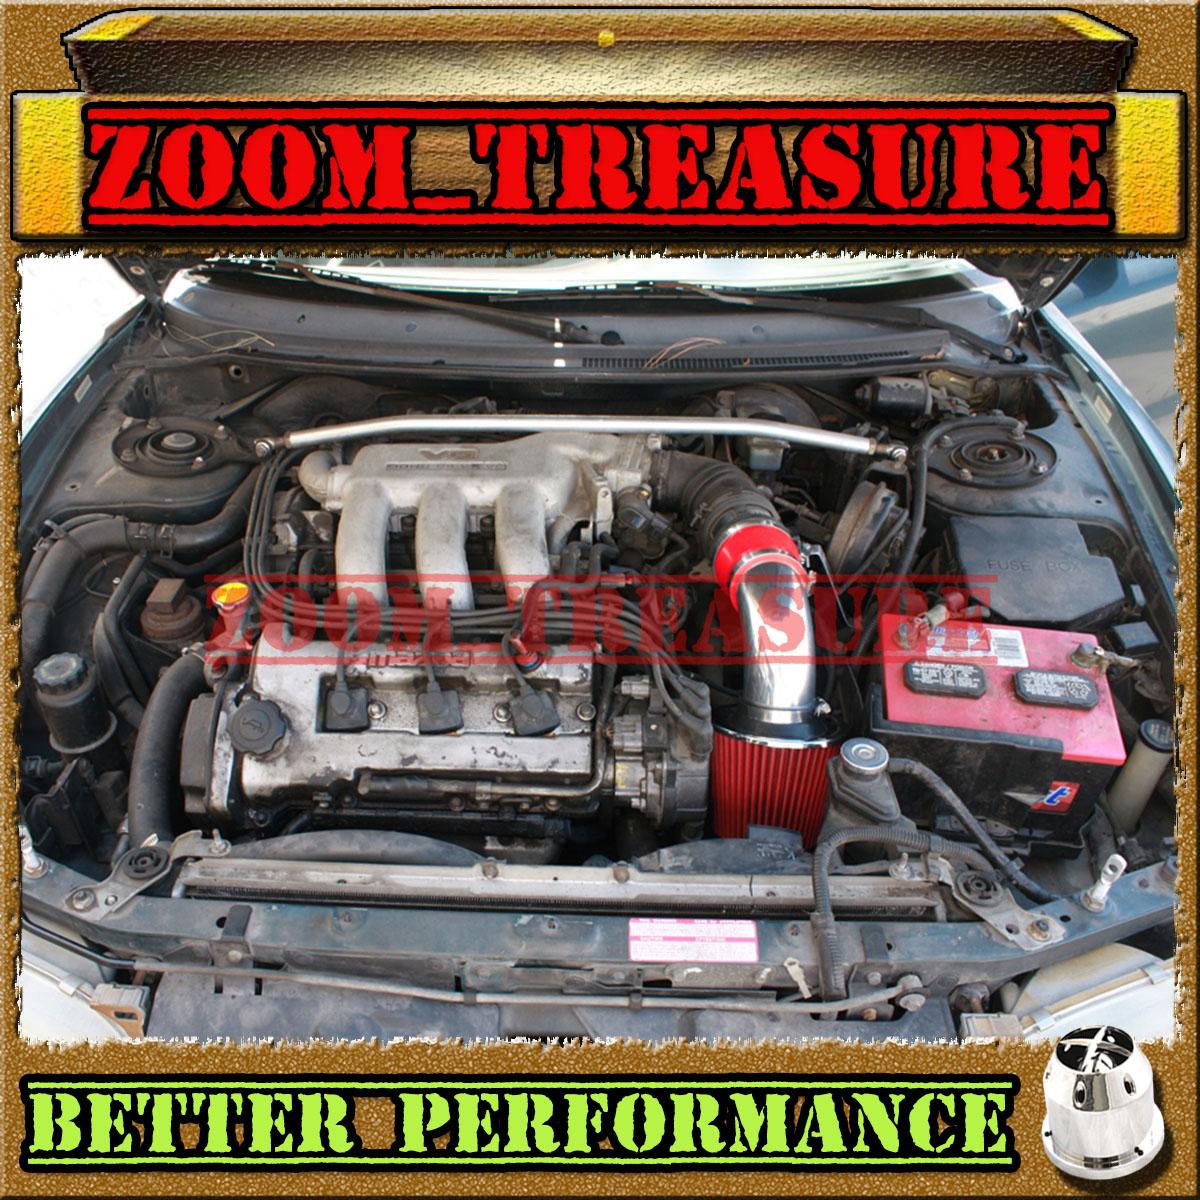 RED CHF 1993-1997//93-97 FORD PROBE GT//MAZDA MX6//626 2.5L V6 COLD AIR INTAKE KIT